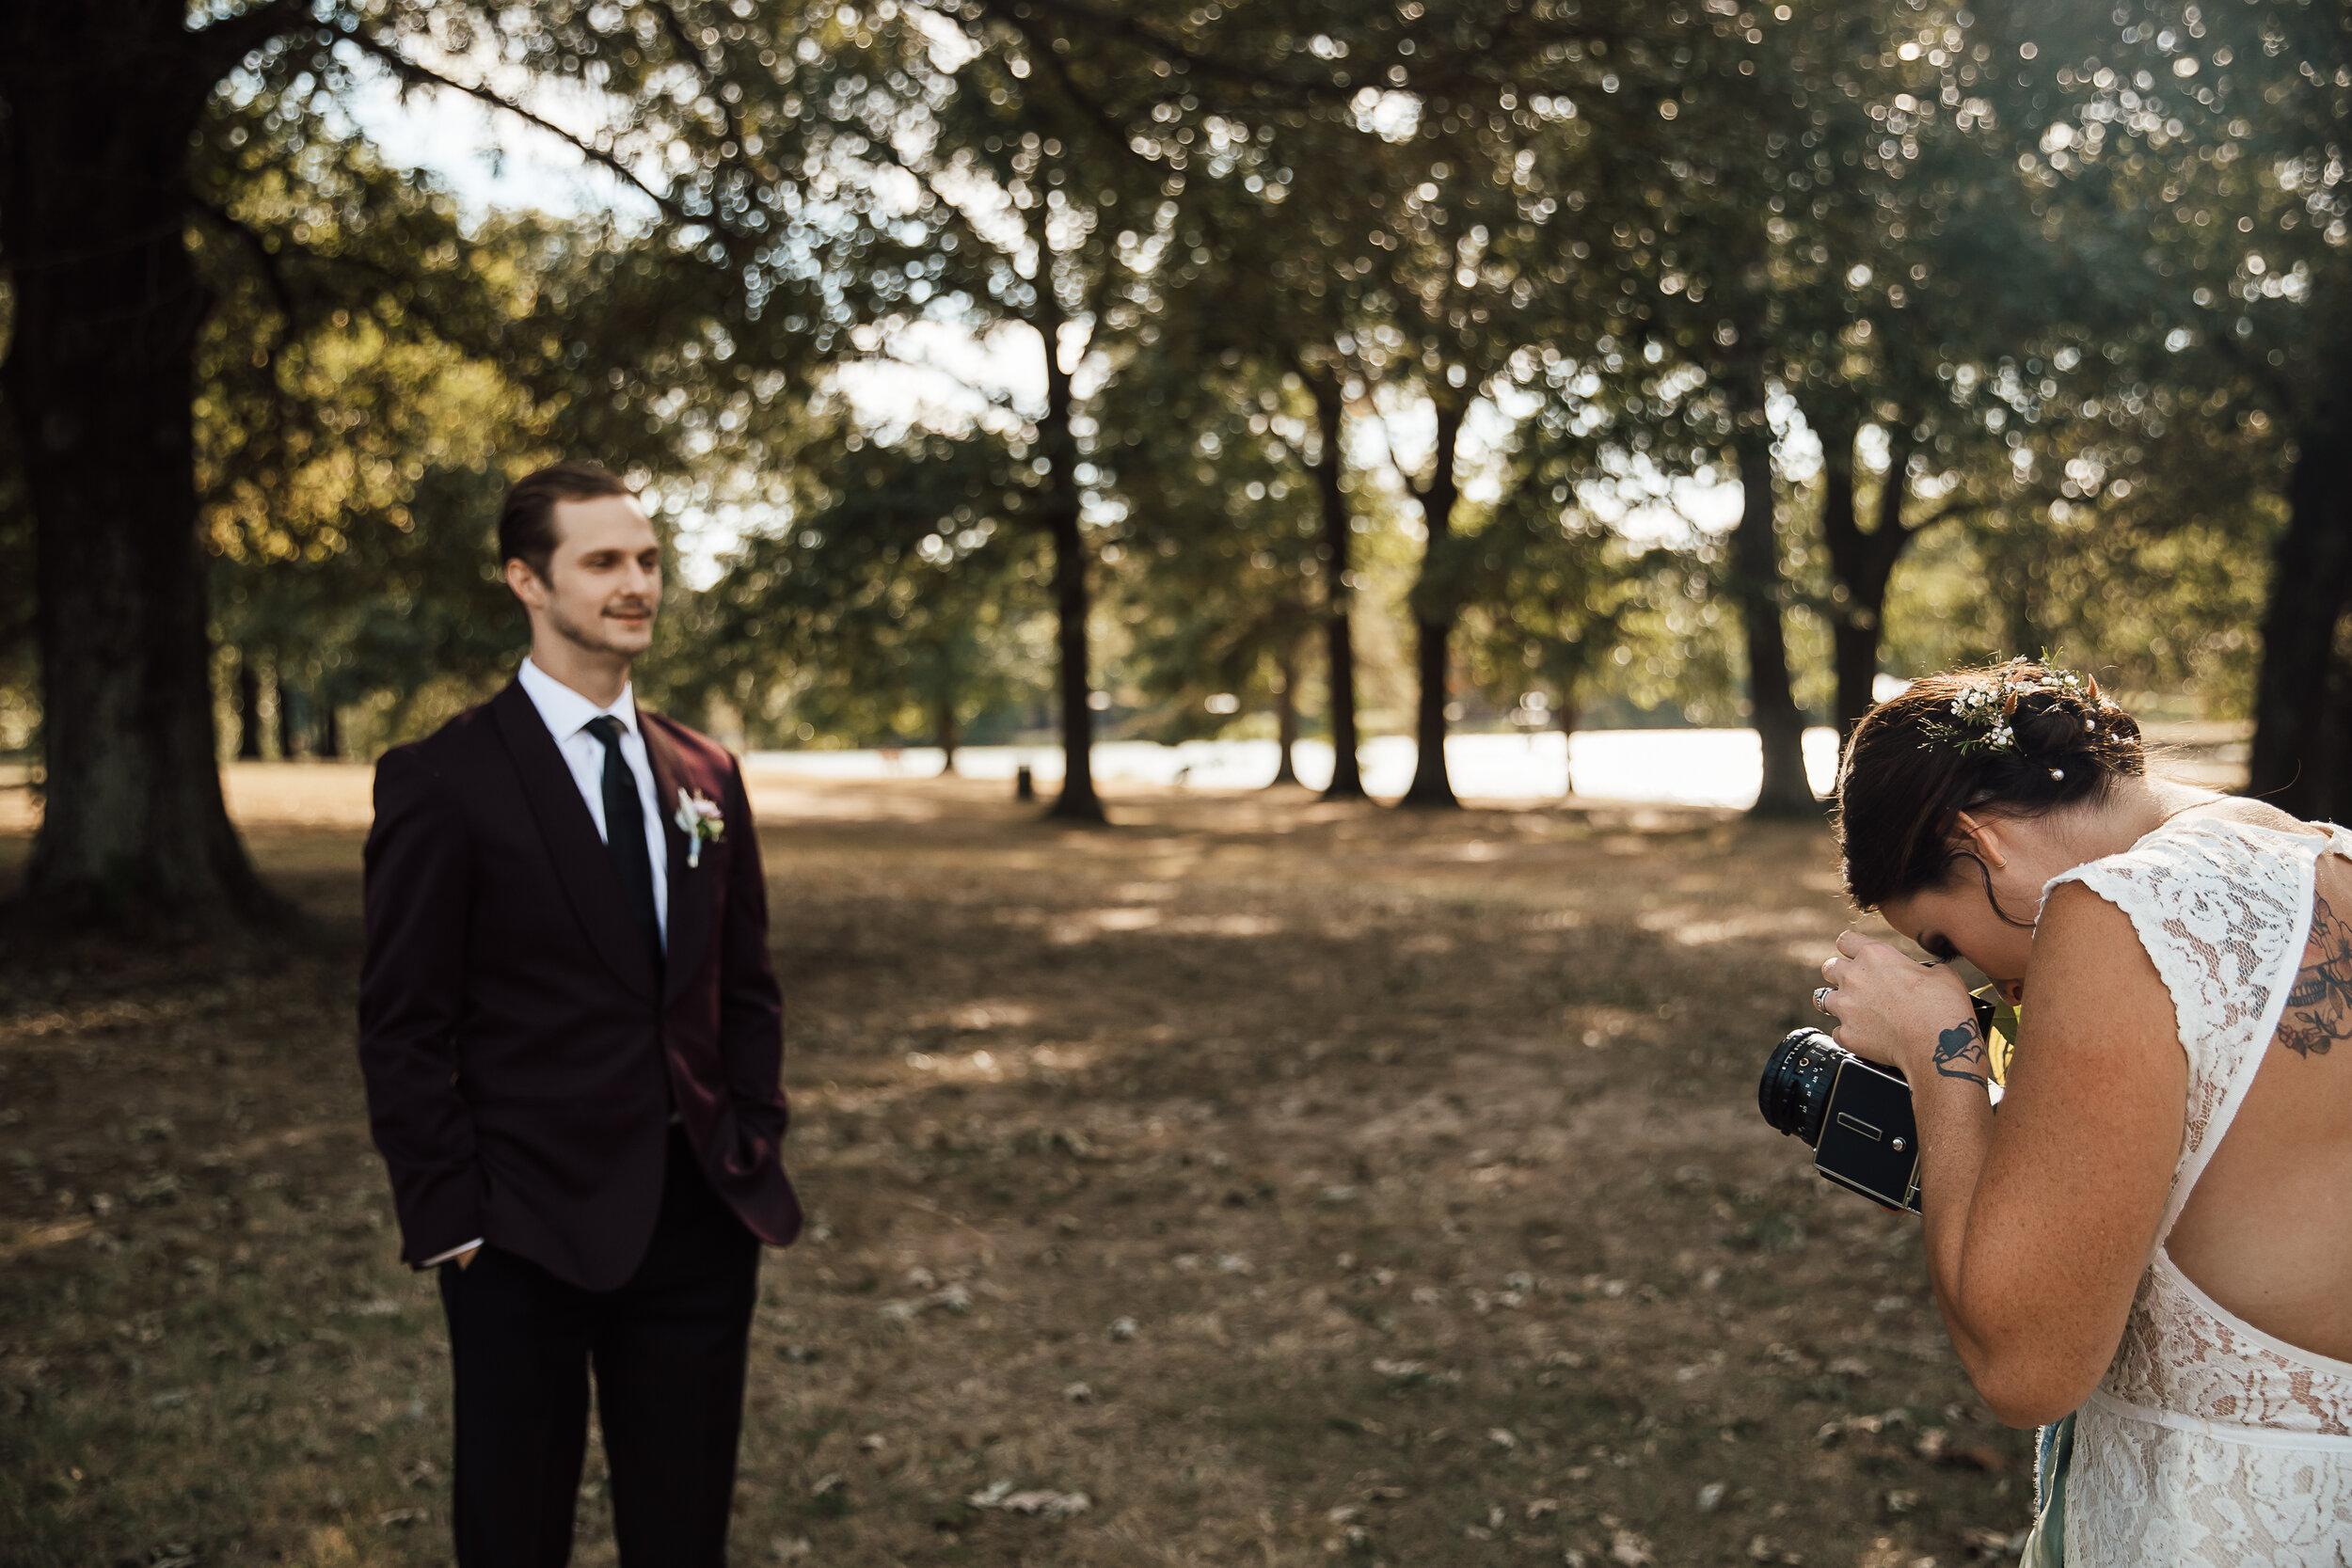 Allison-and-Wesley-Memphis-Backyard-Wedding-TheWarmthAroundYou-131.jpg